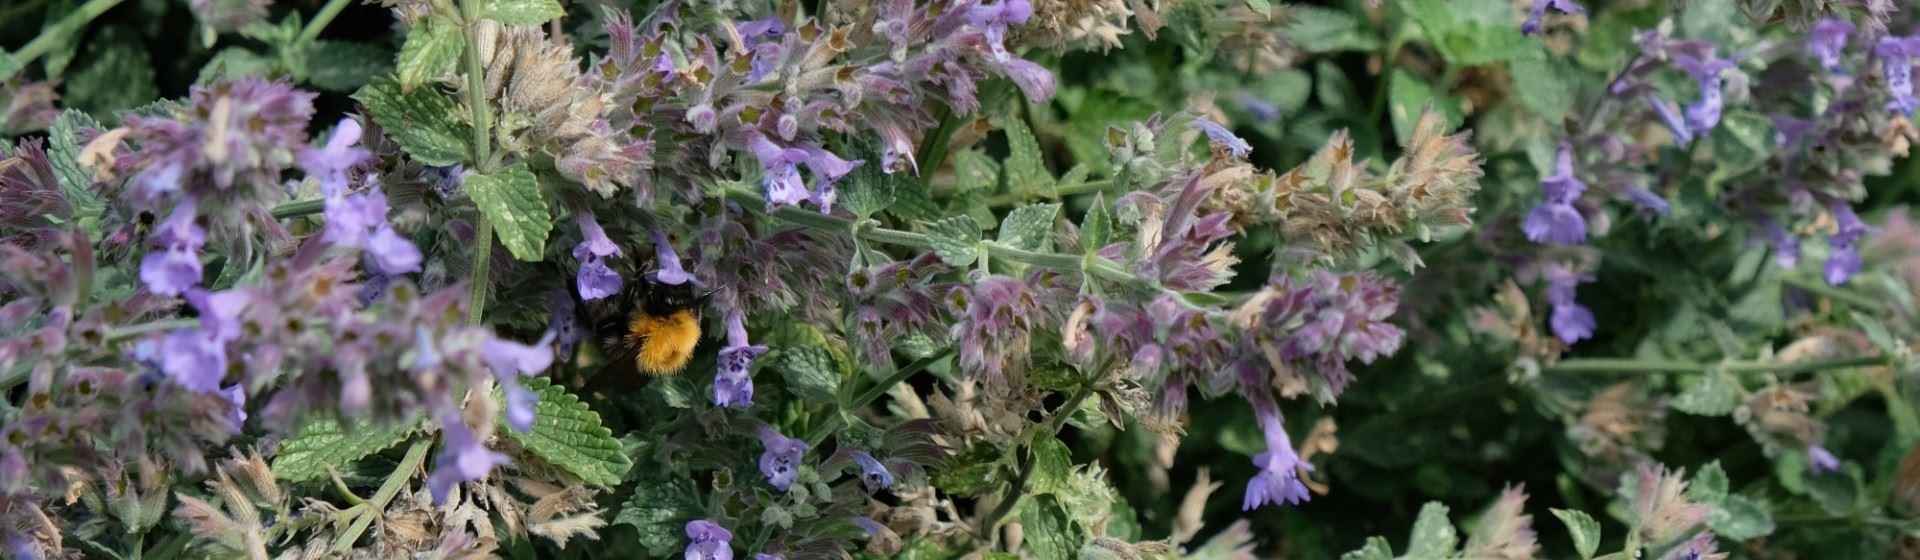 Bijenkolonies in de tuin van Zwitserleven.